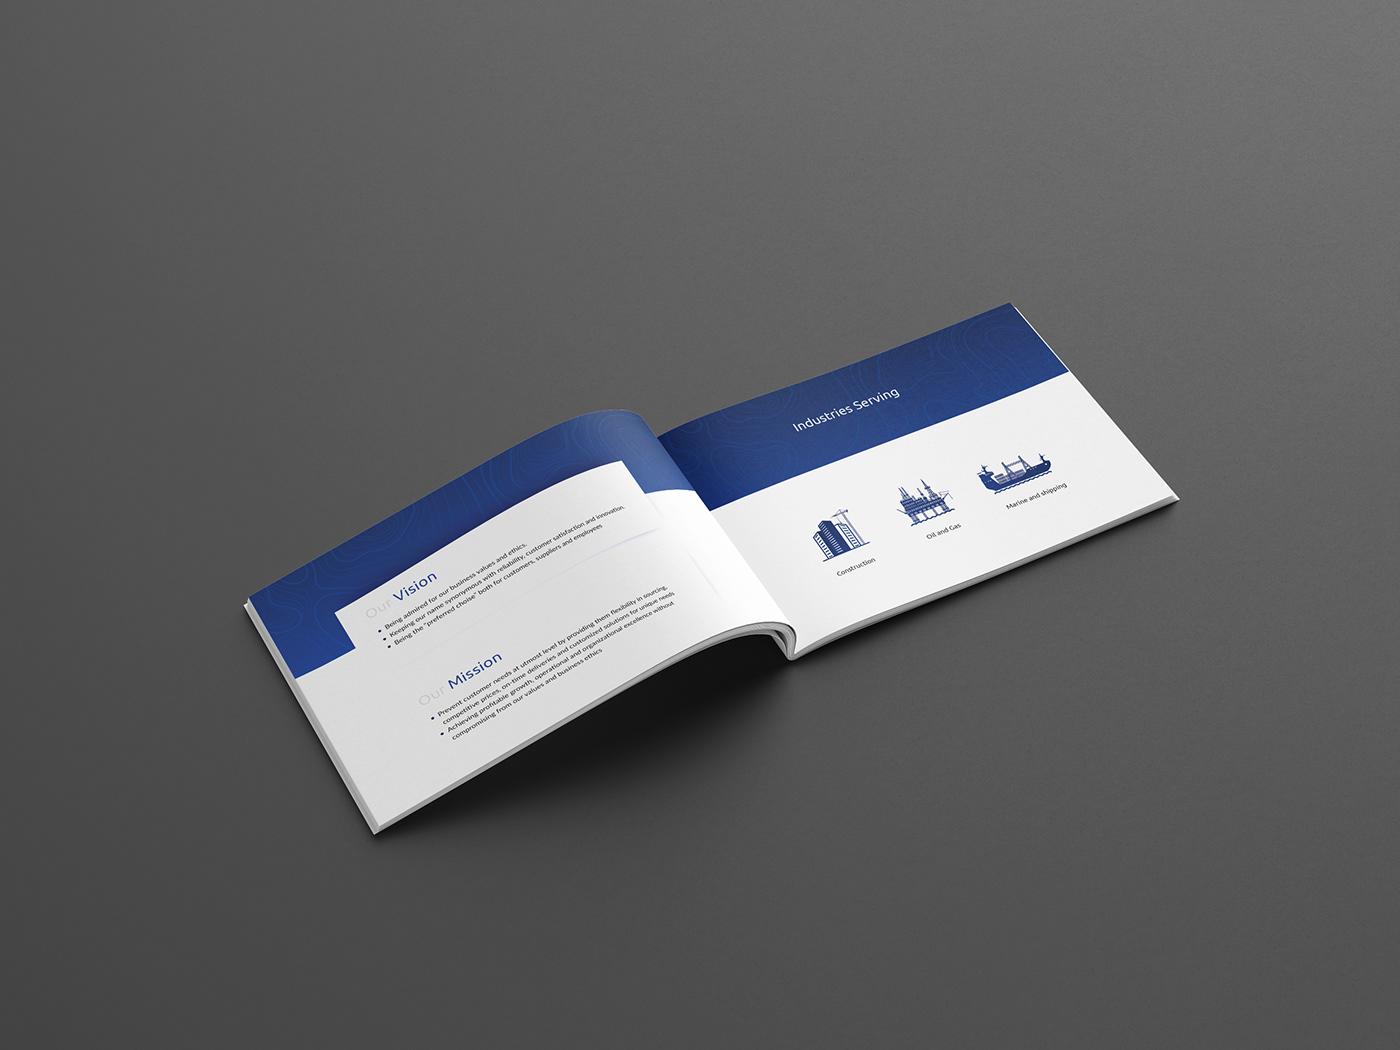 Image may contain: screenshot, book and print